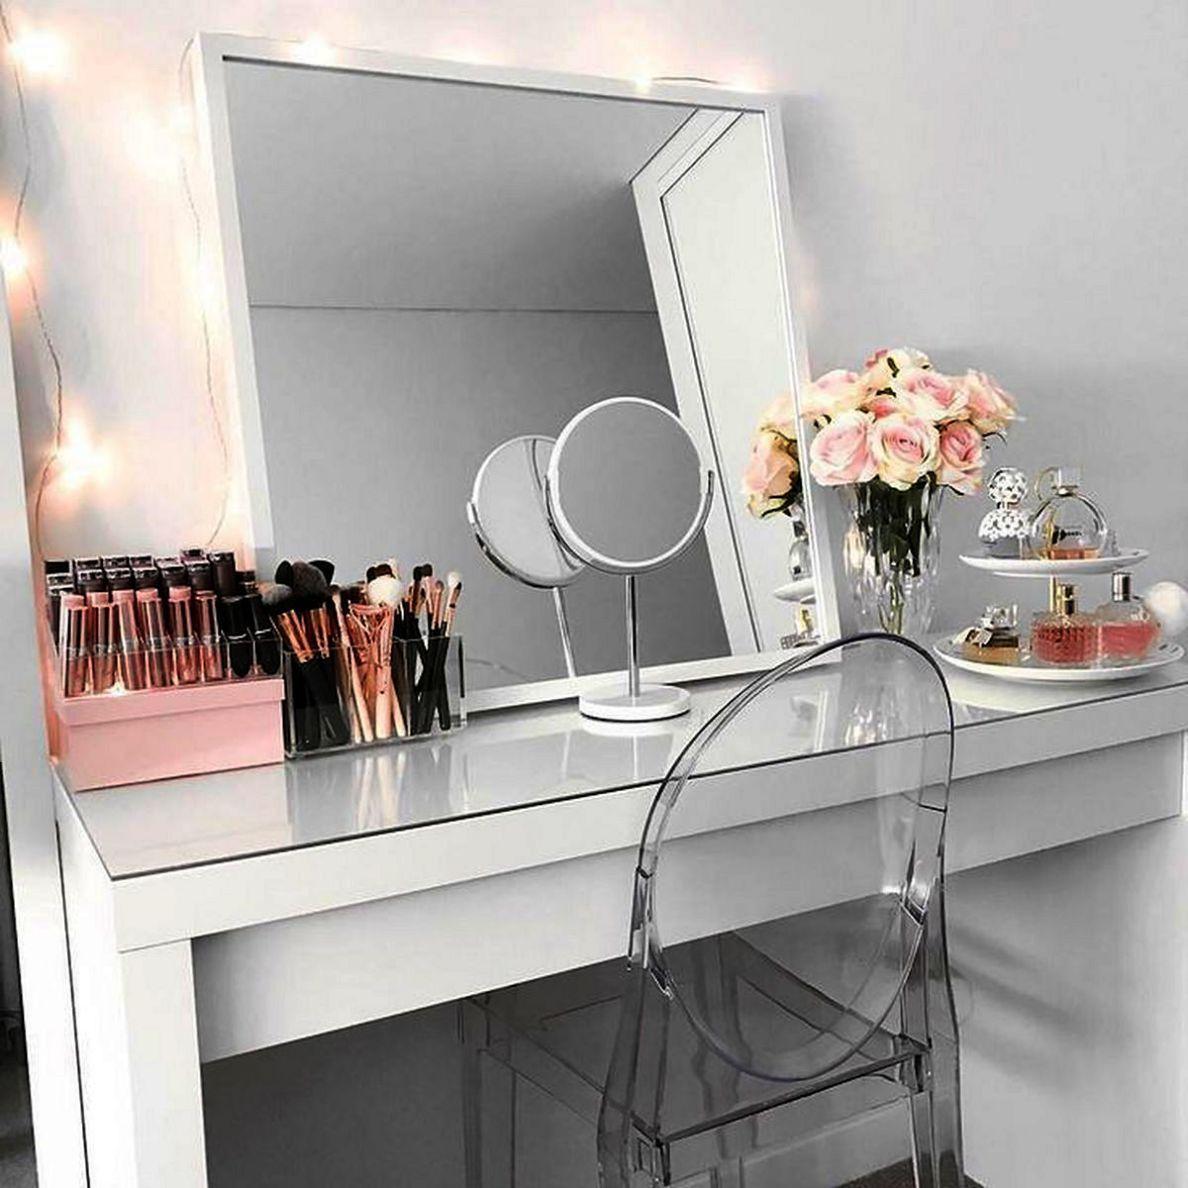 Mirrotek Over The Door Beauty Armoire And Makeup Organizer Malm Dressing Table Ikea Makeup Vanity Ikea Hacks Makeup Vanity